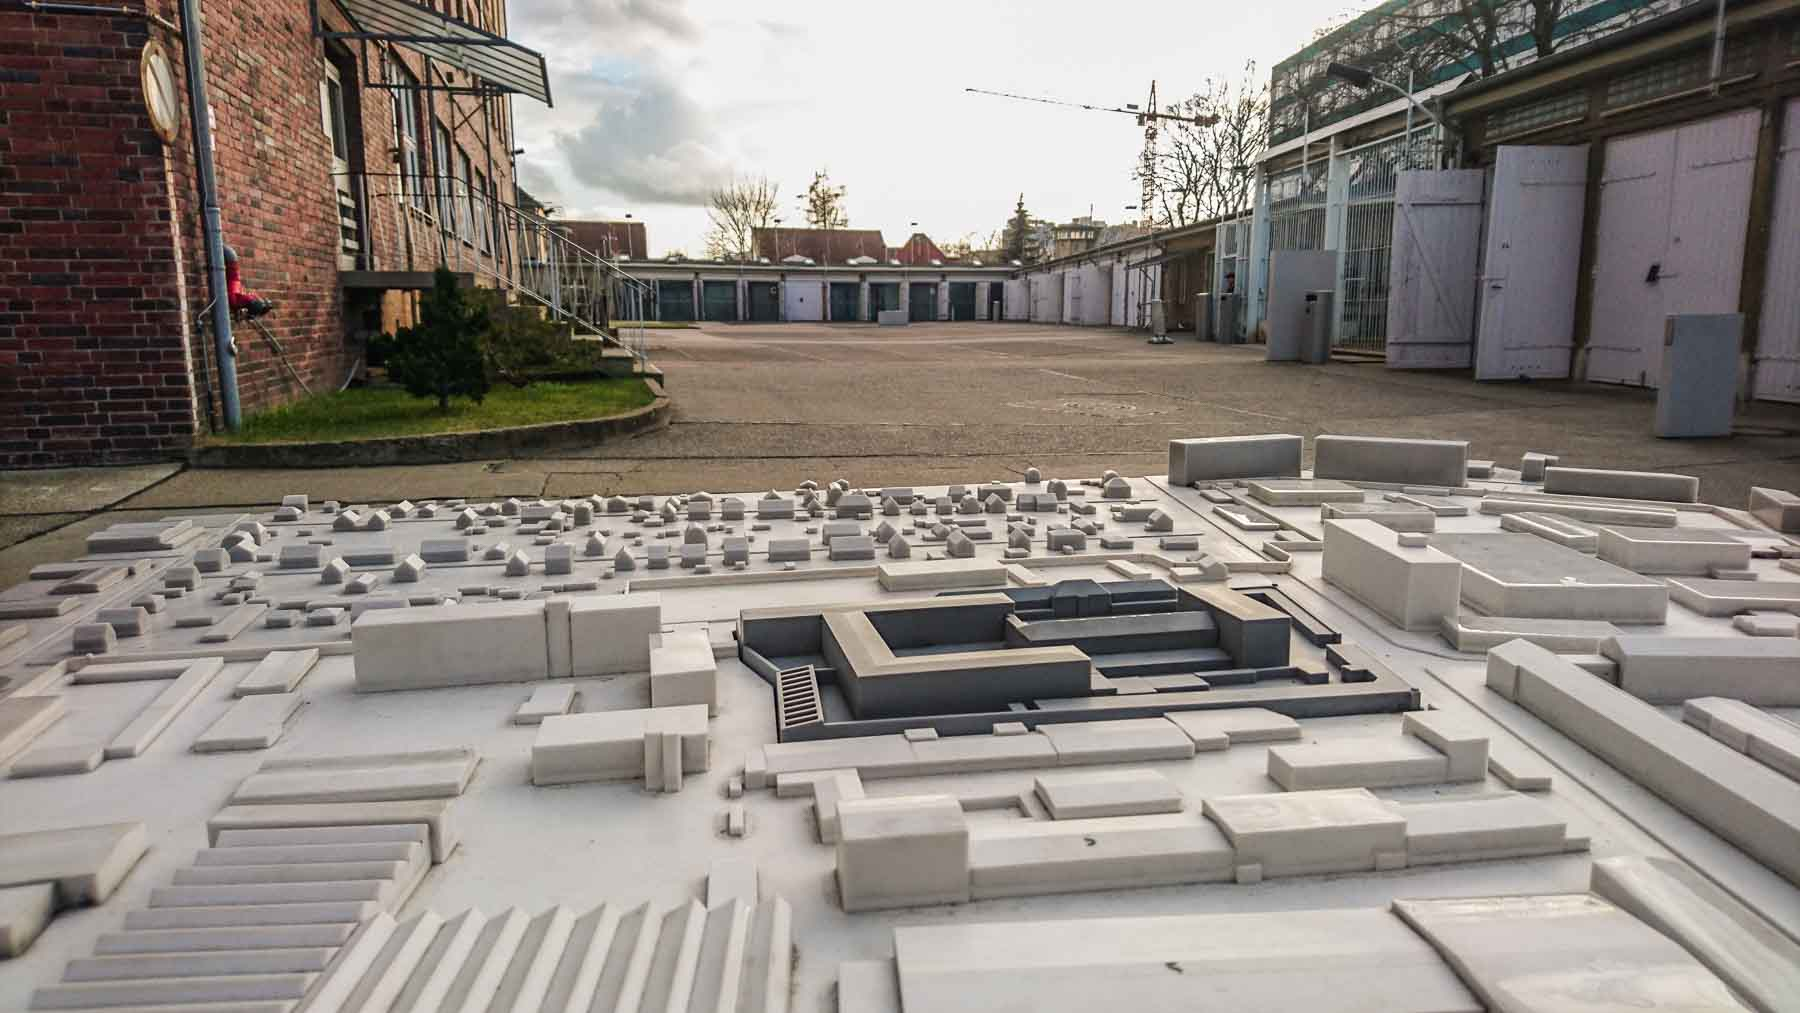 Modell Stasi Gefängnis Berlin Hohenschönhausen